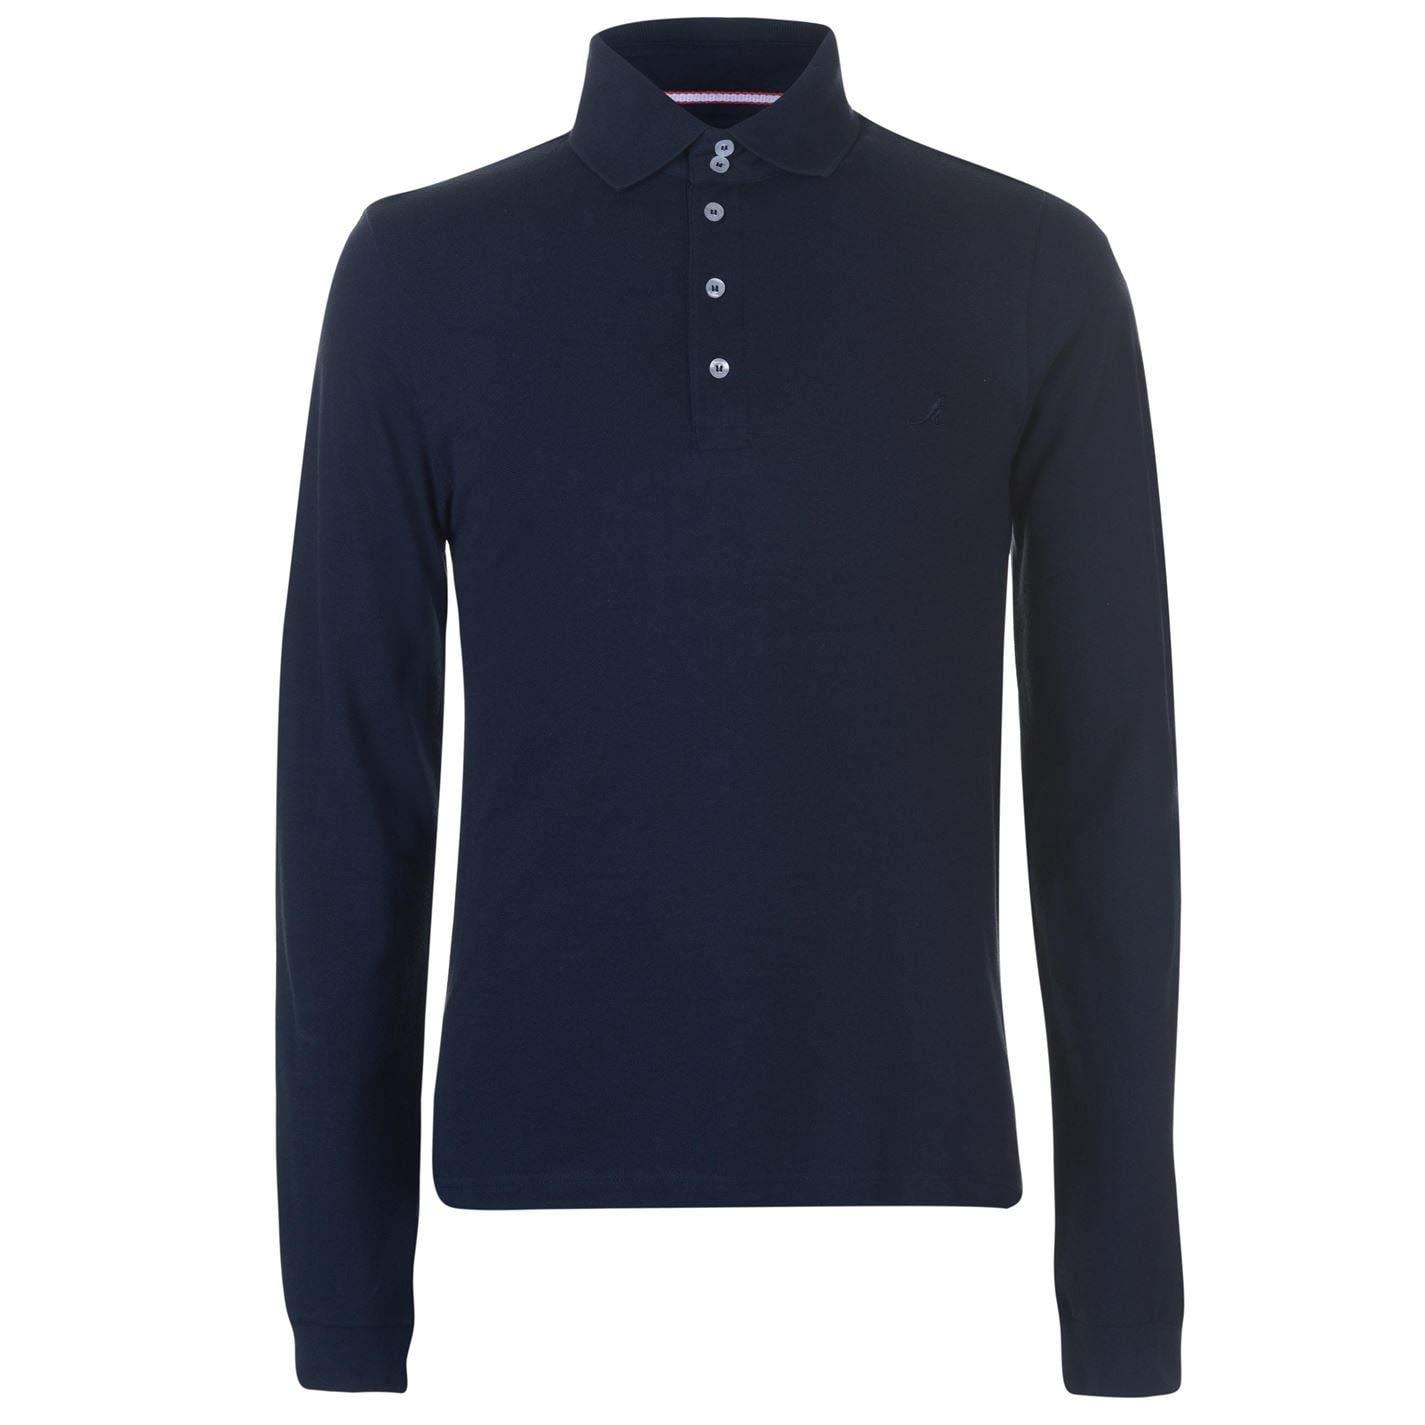 Kangol Hombre Multi Panel Camiseta Polo Azul Marino M: Amazon.es ...